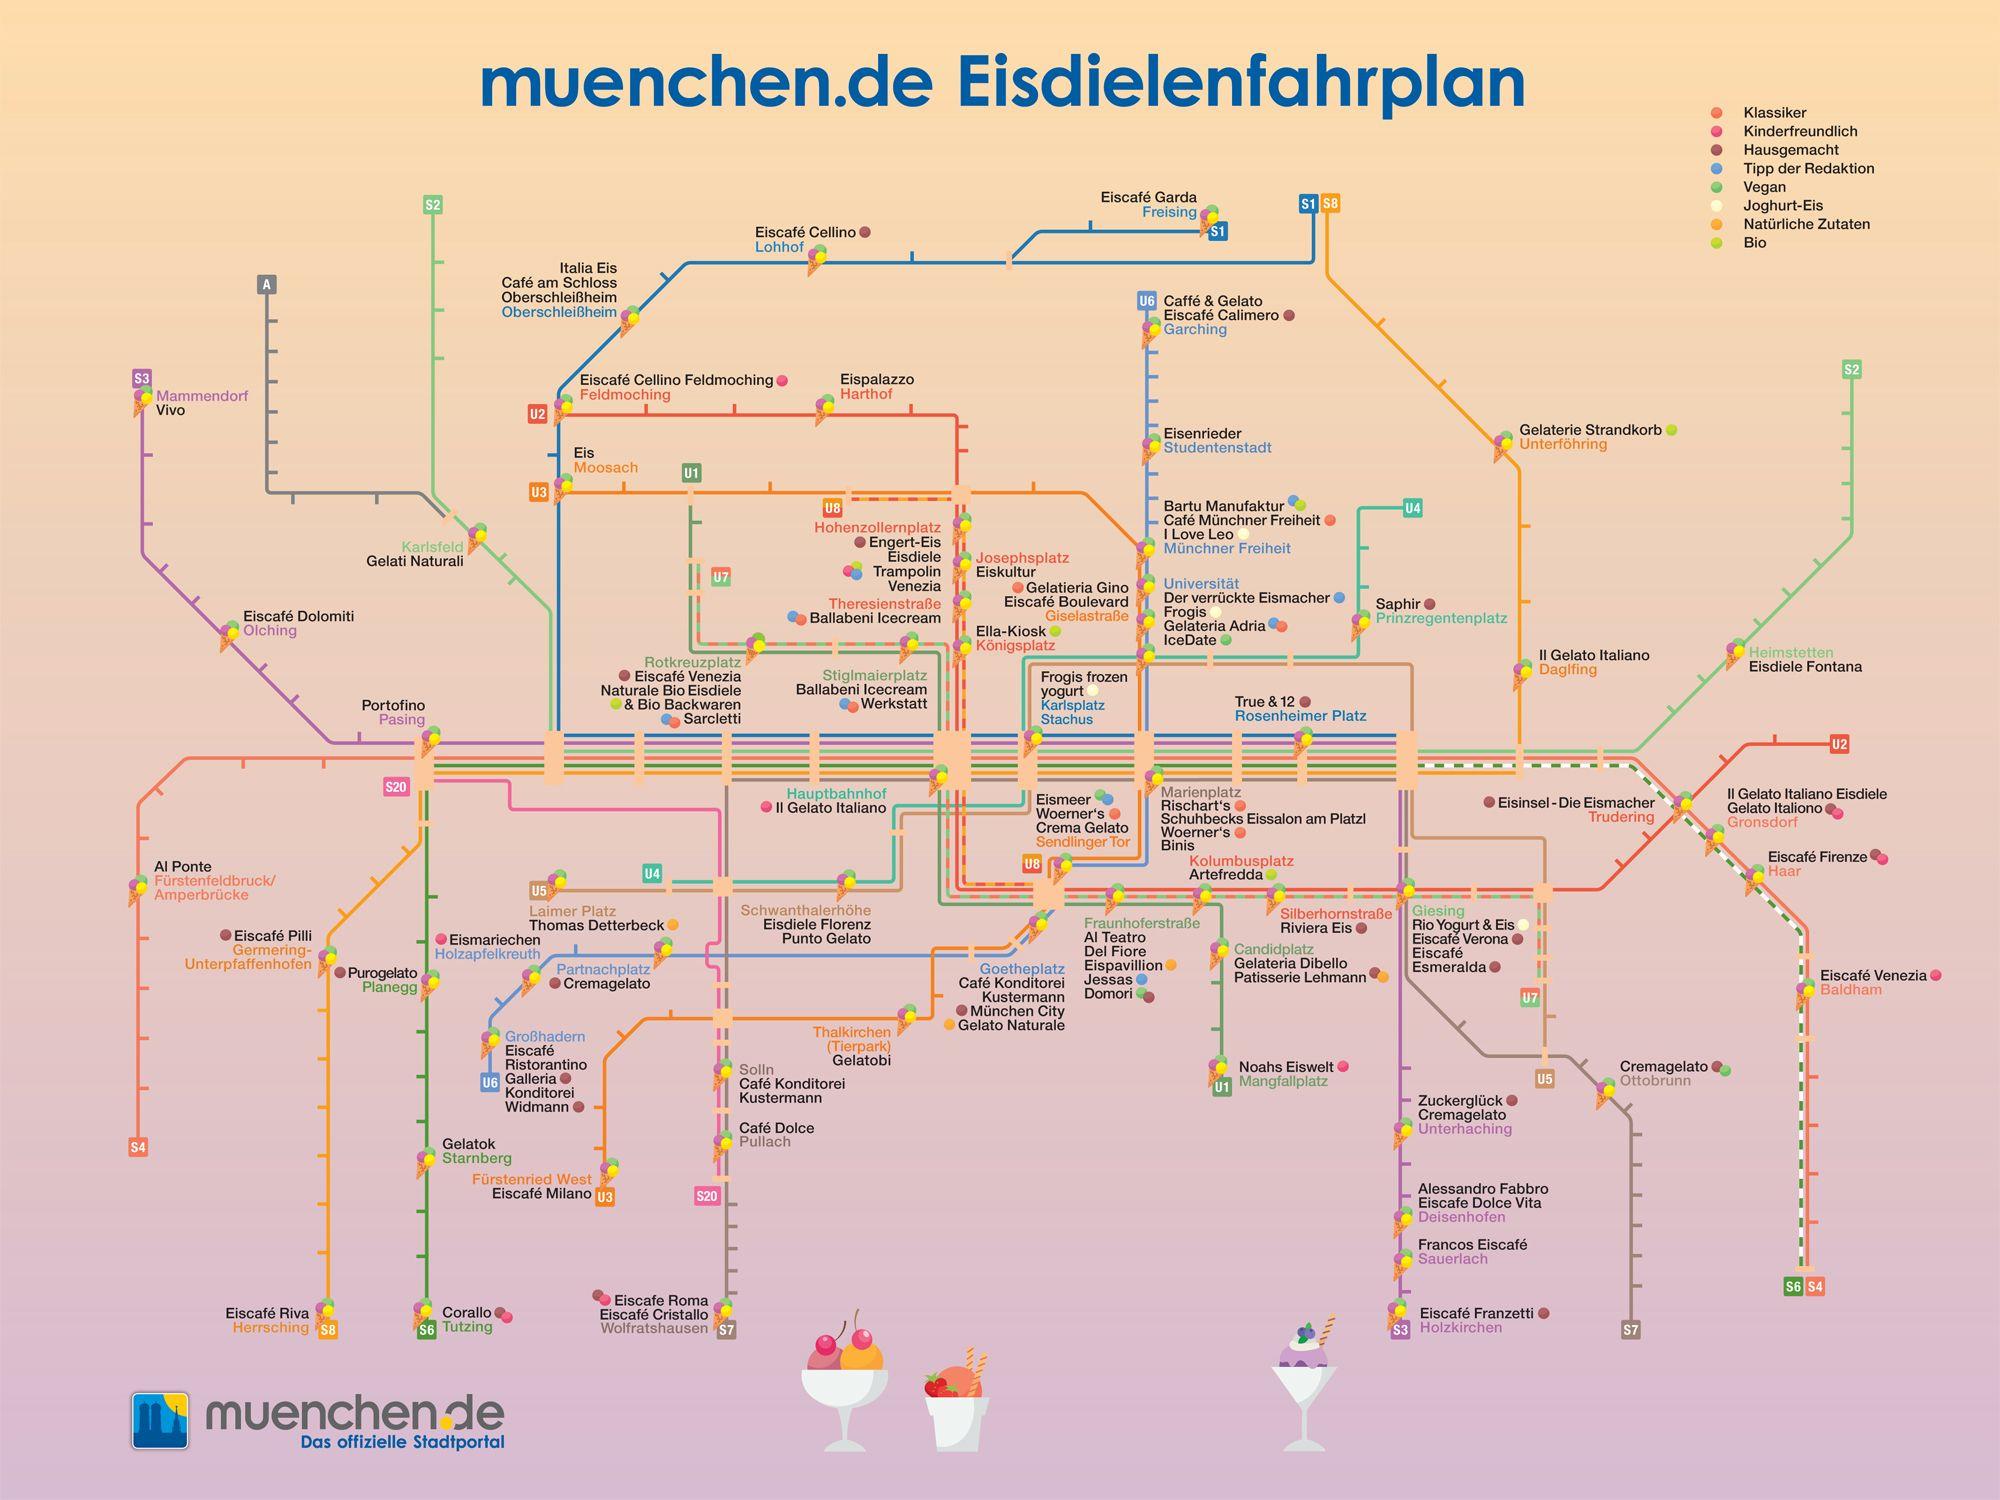 Eisdielenfahrplan Munchen 2015 Das Offizielle Stadtportal Muenchen De Munchen Tipps Munchen Sylt Tipps